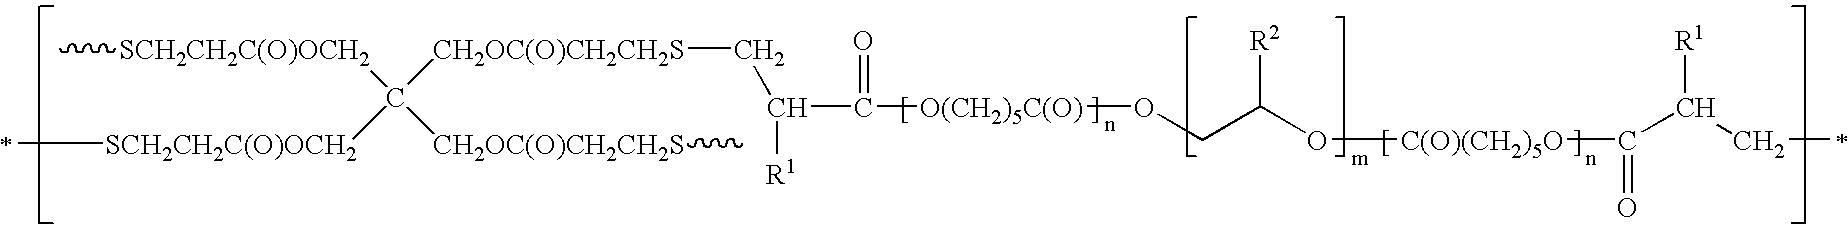 Figure US20080085946A1-20080410-C00008